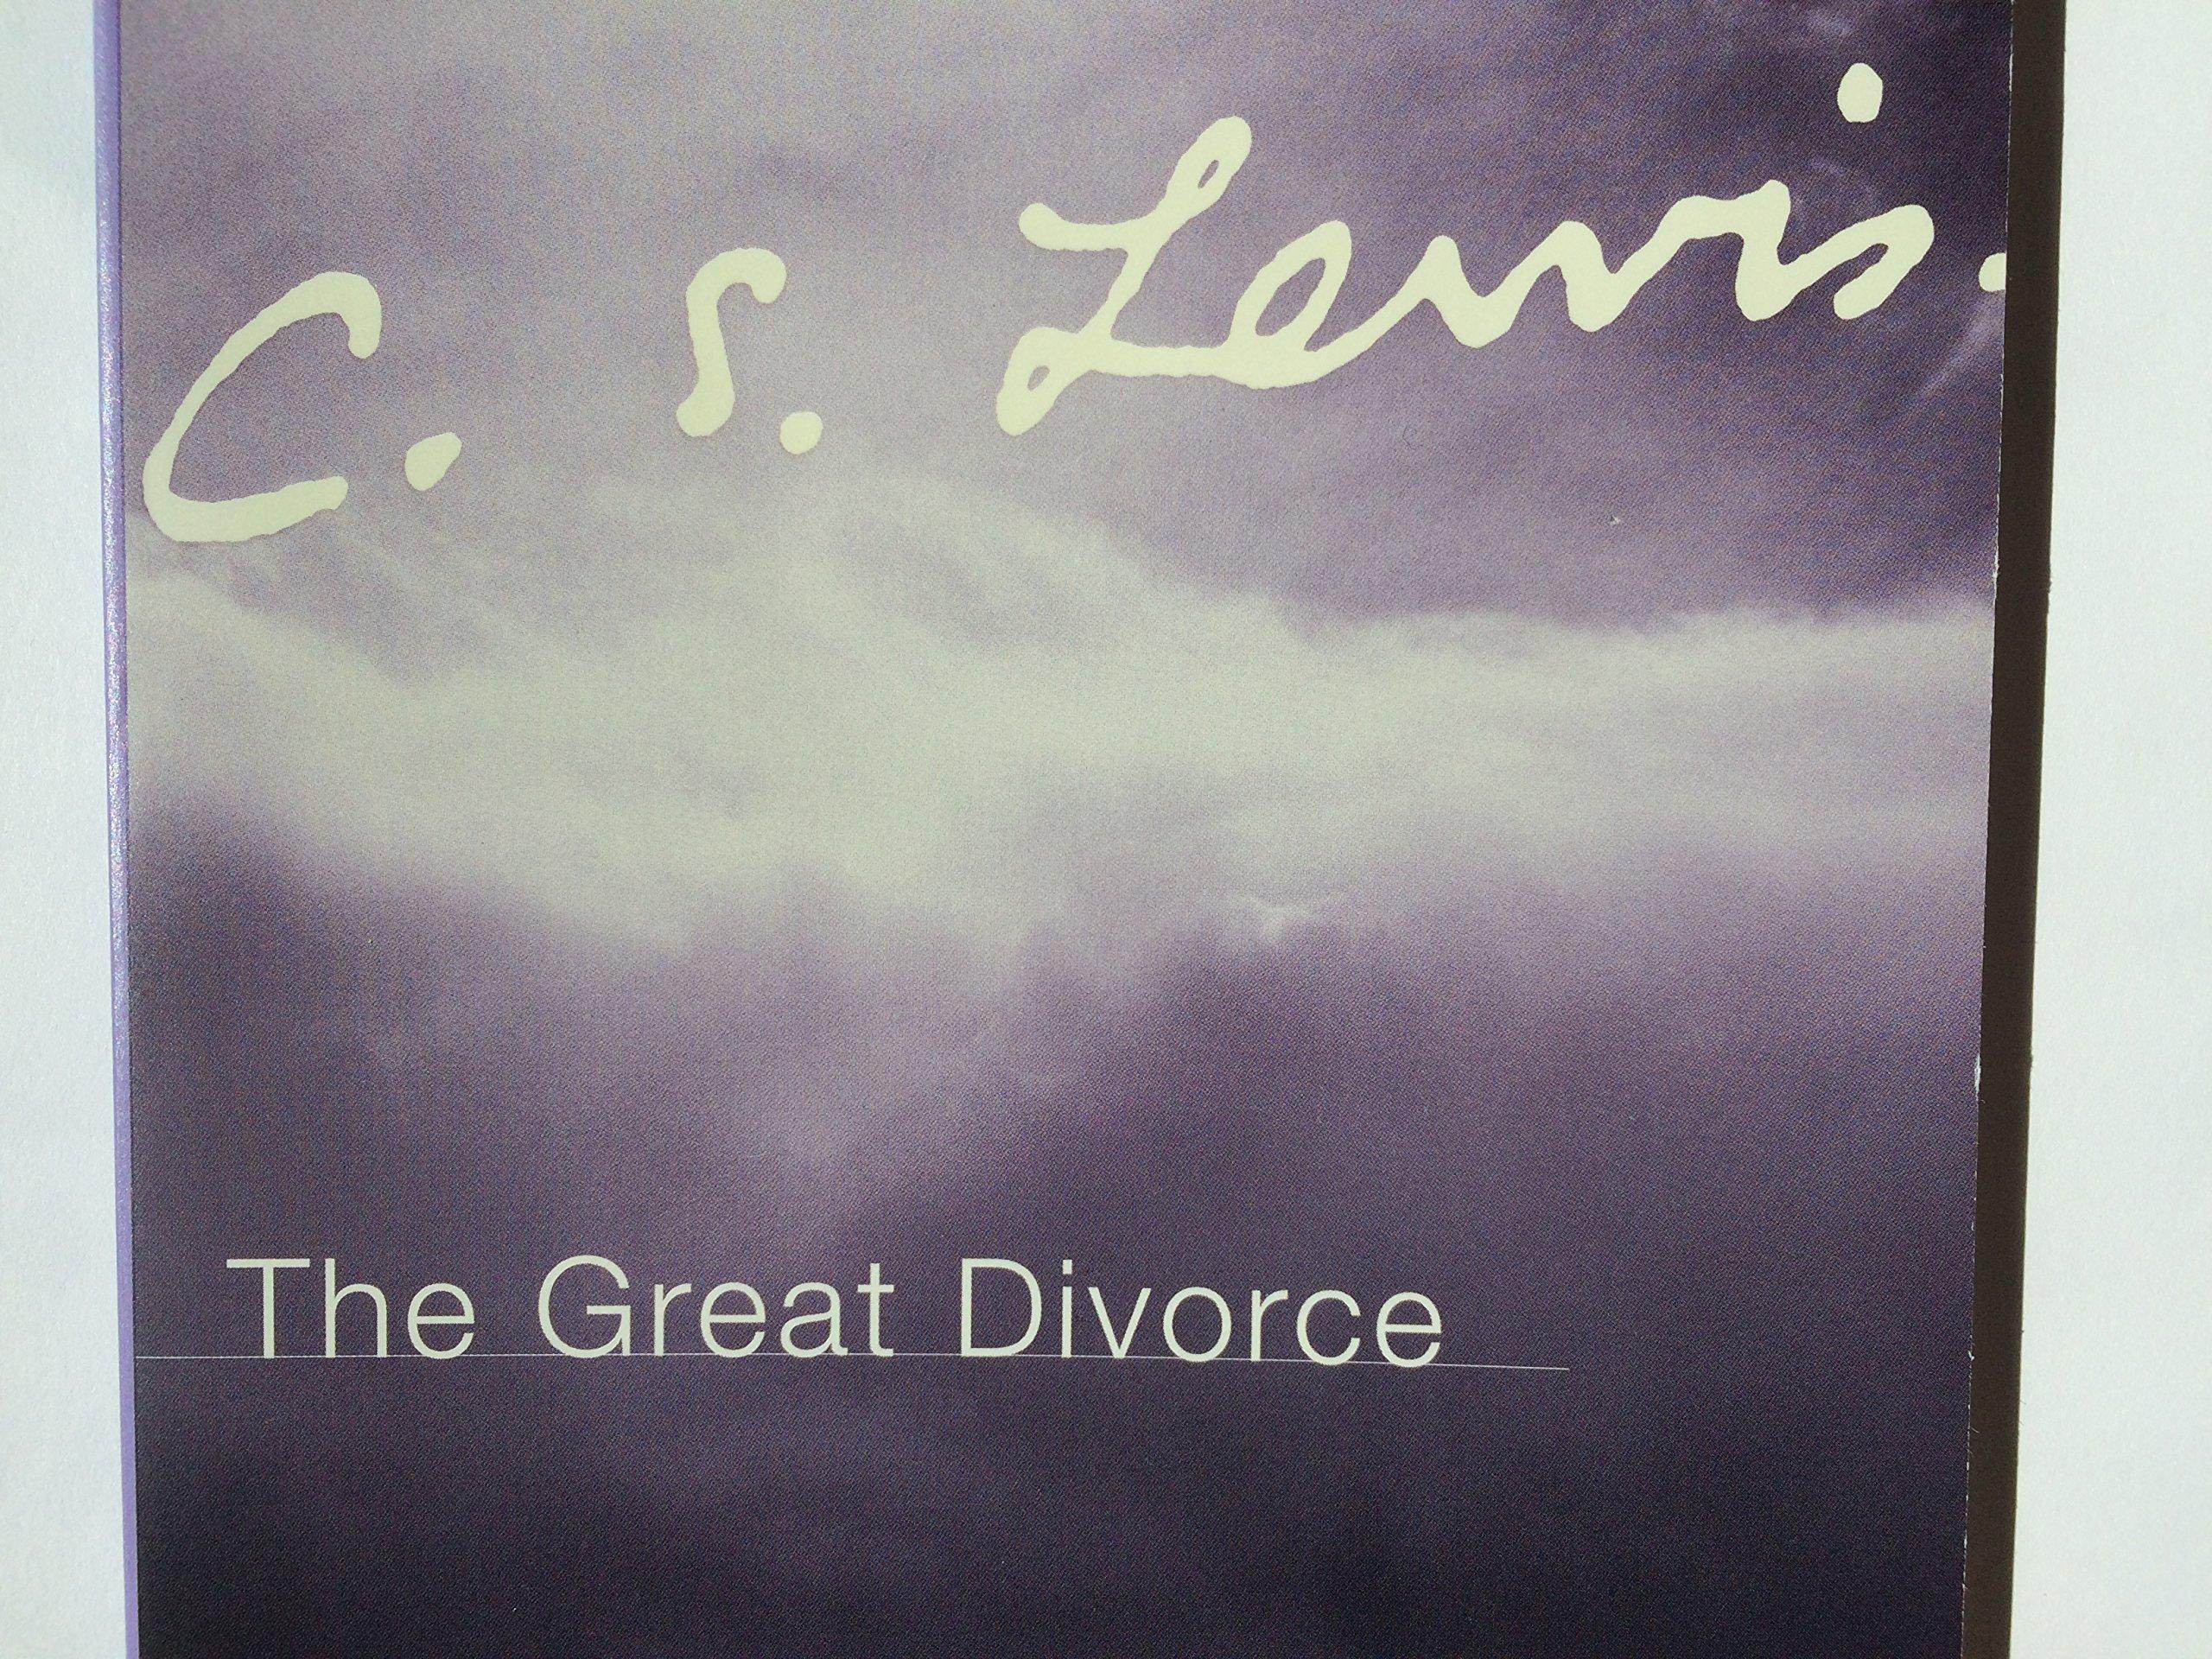 Download The Great Divorce - A Dream PDF ePub fb2 book